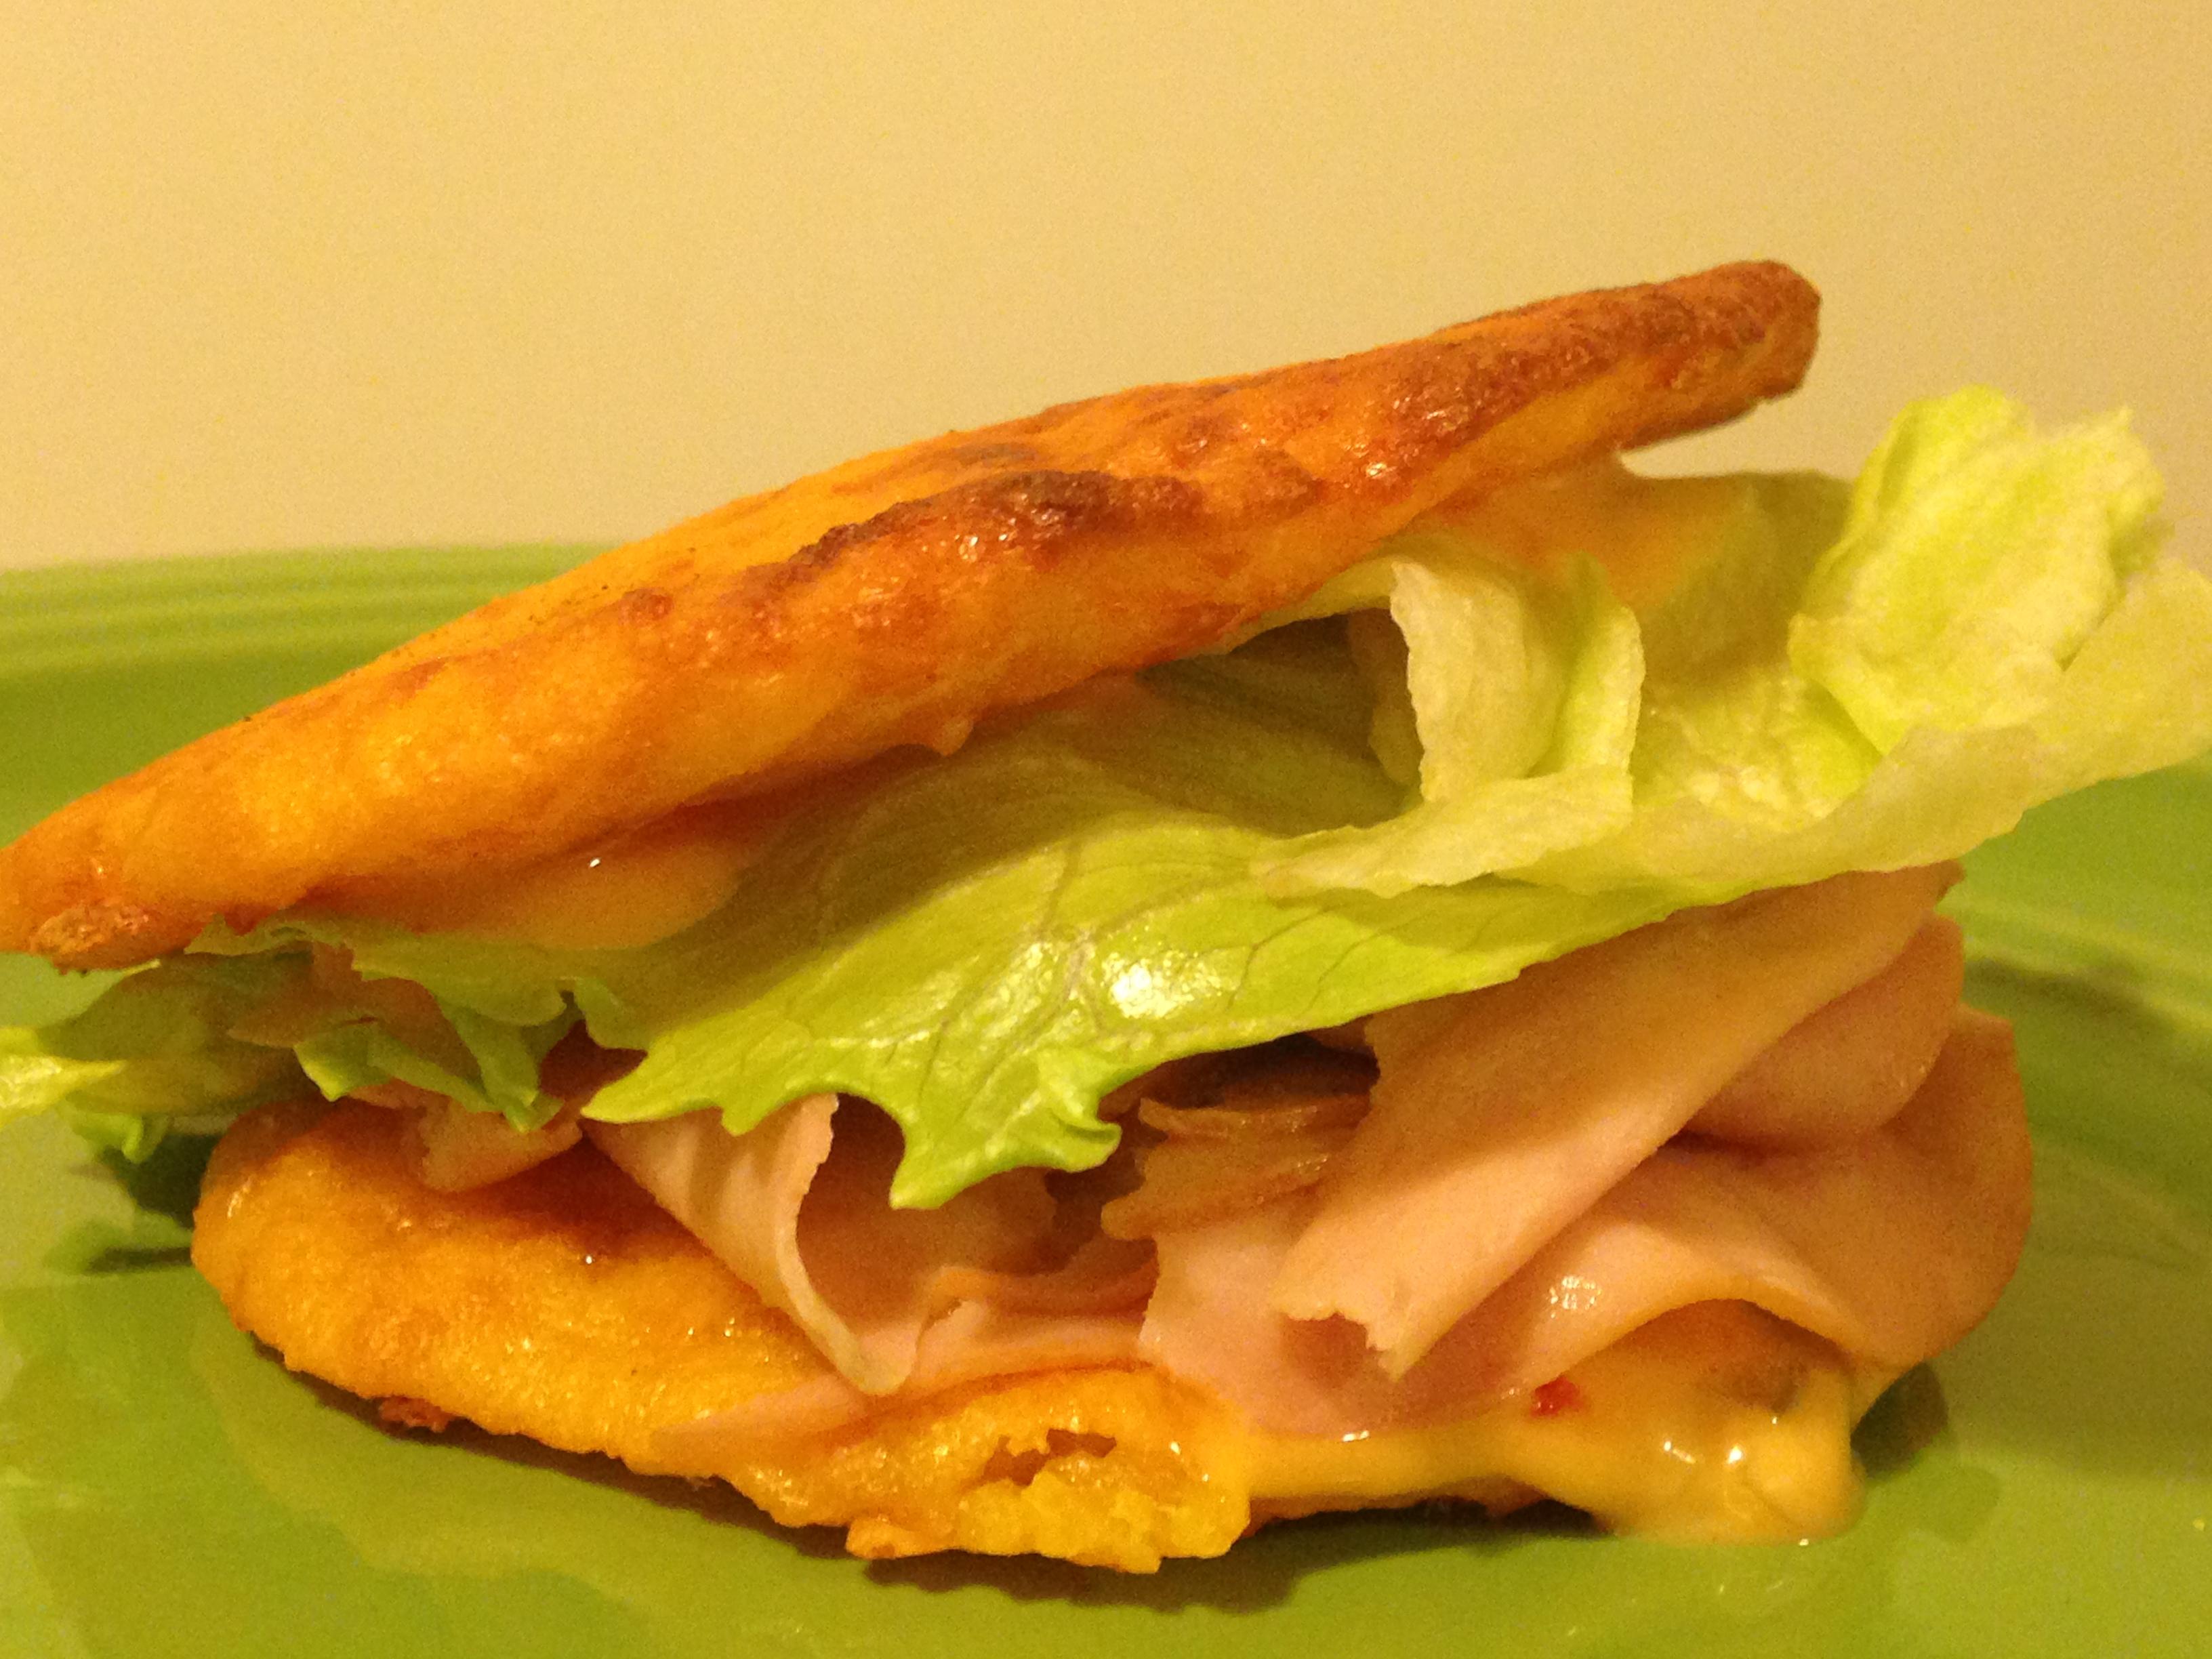 The Sandwich Flourless Gluten Free Protein Powder